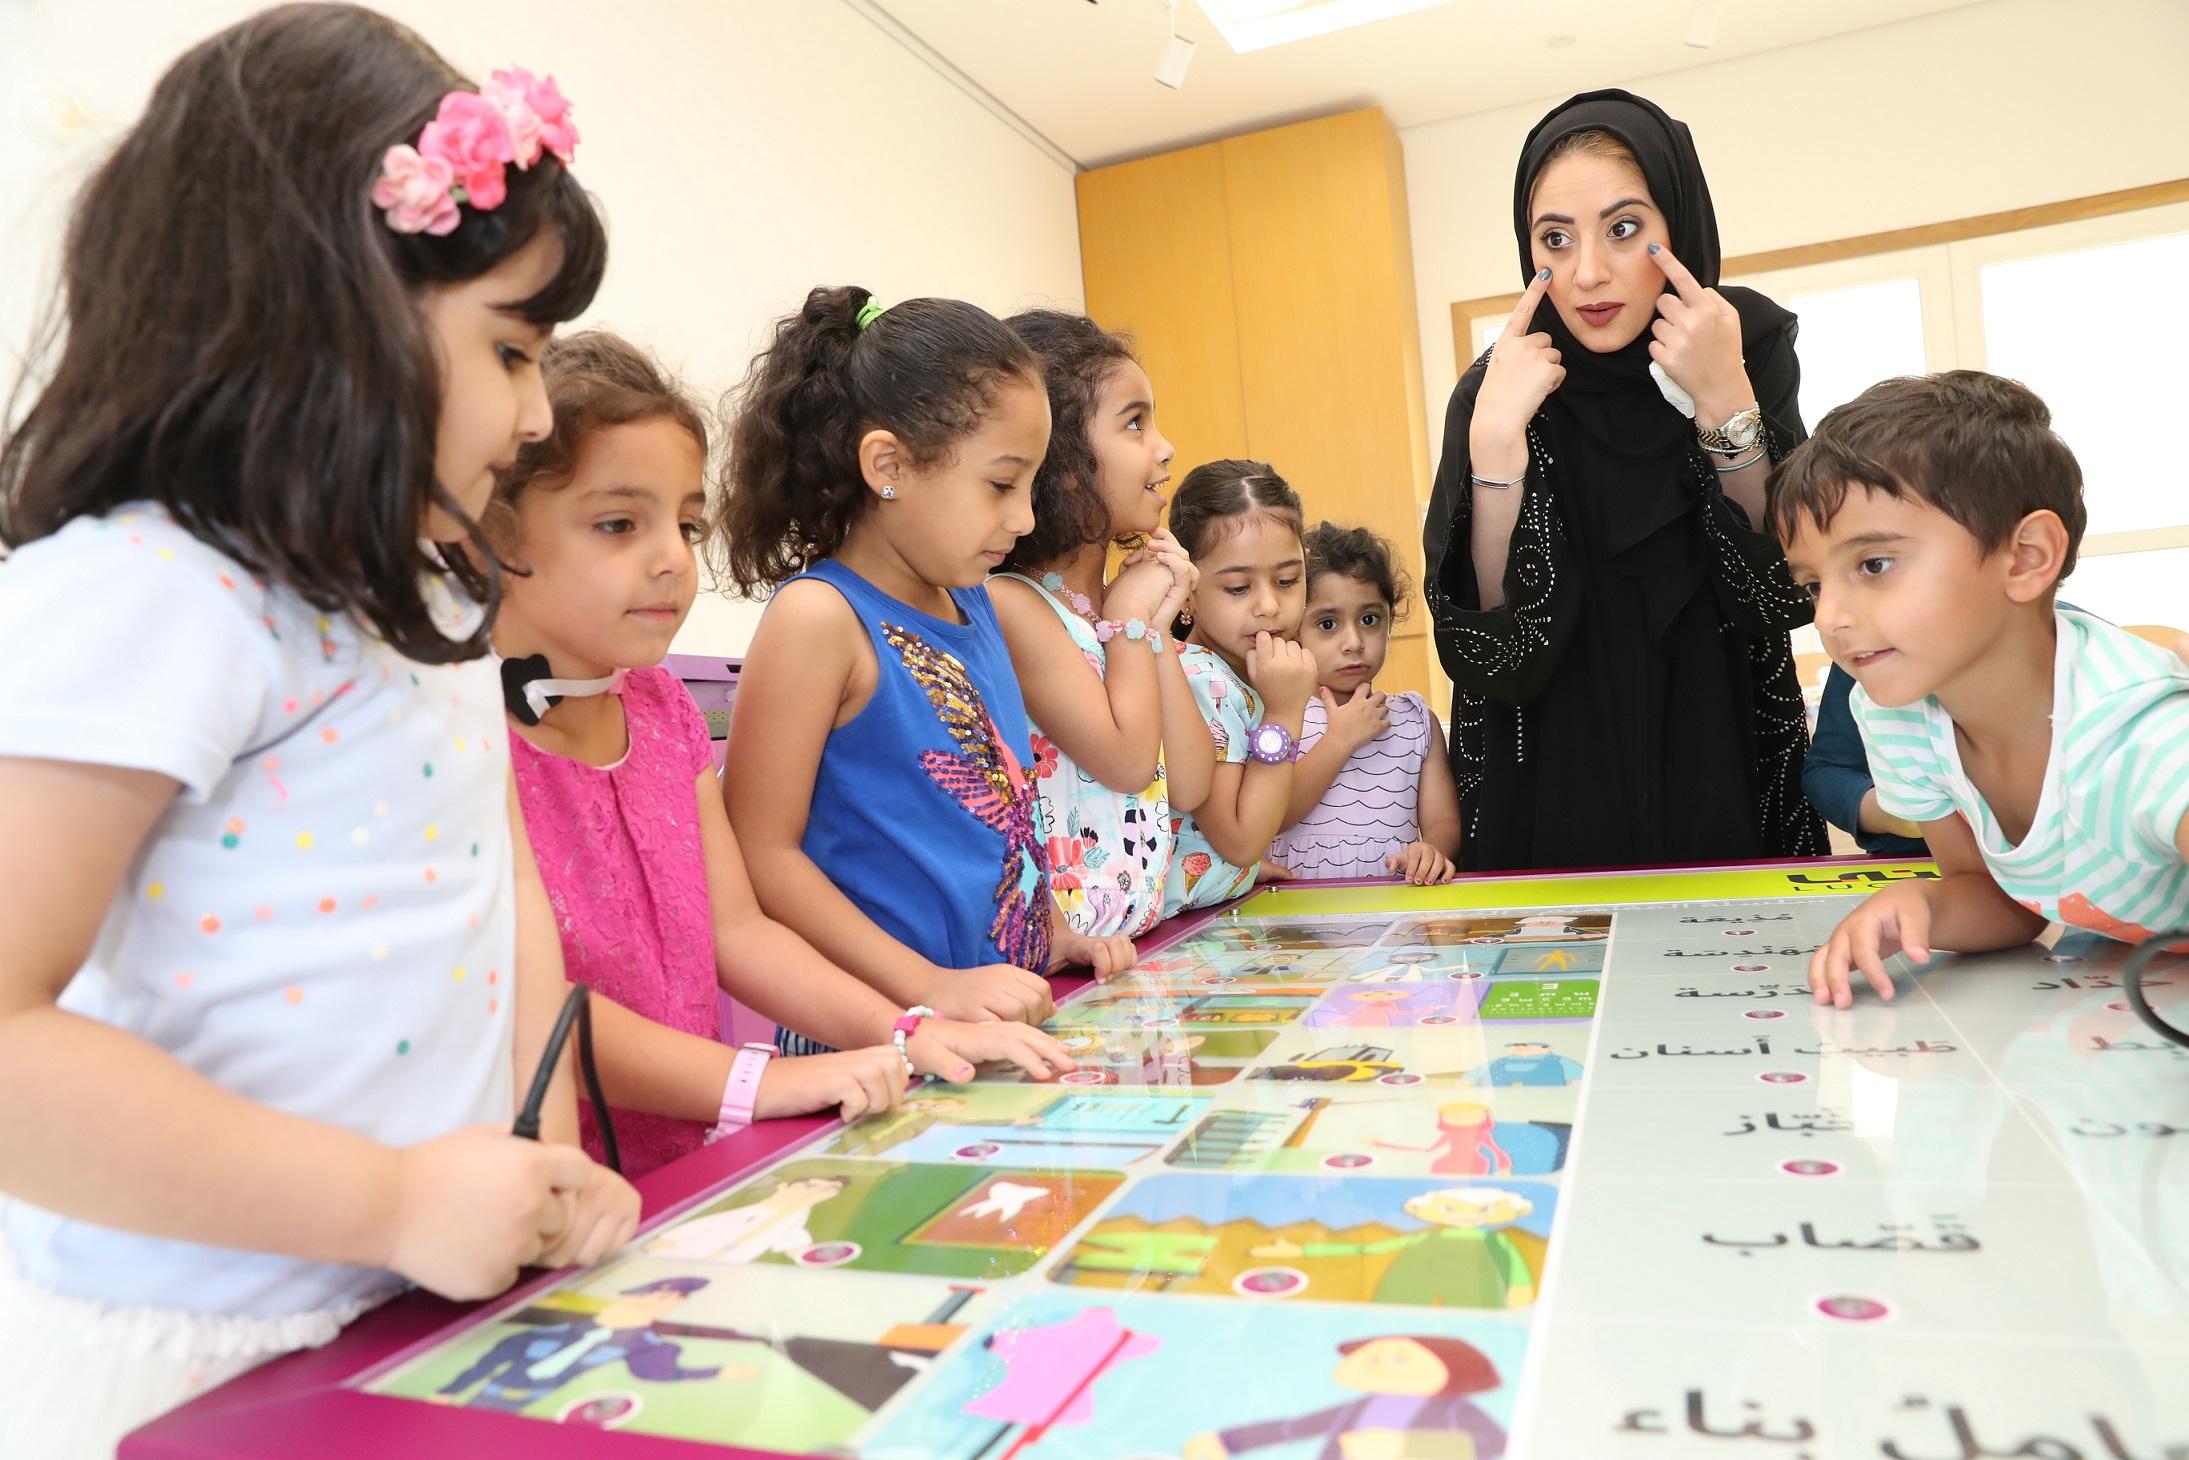 مبادرة «لغتي» الإماراتية تختتم مخيمها الصيفي لعام 2017  (1)